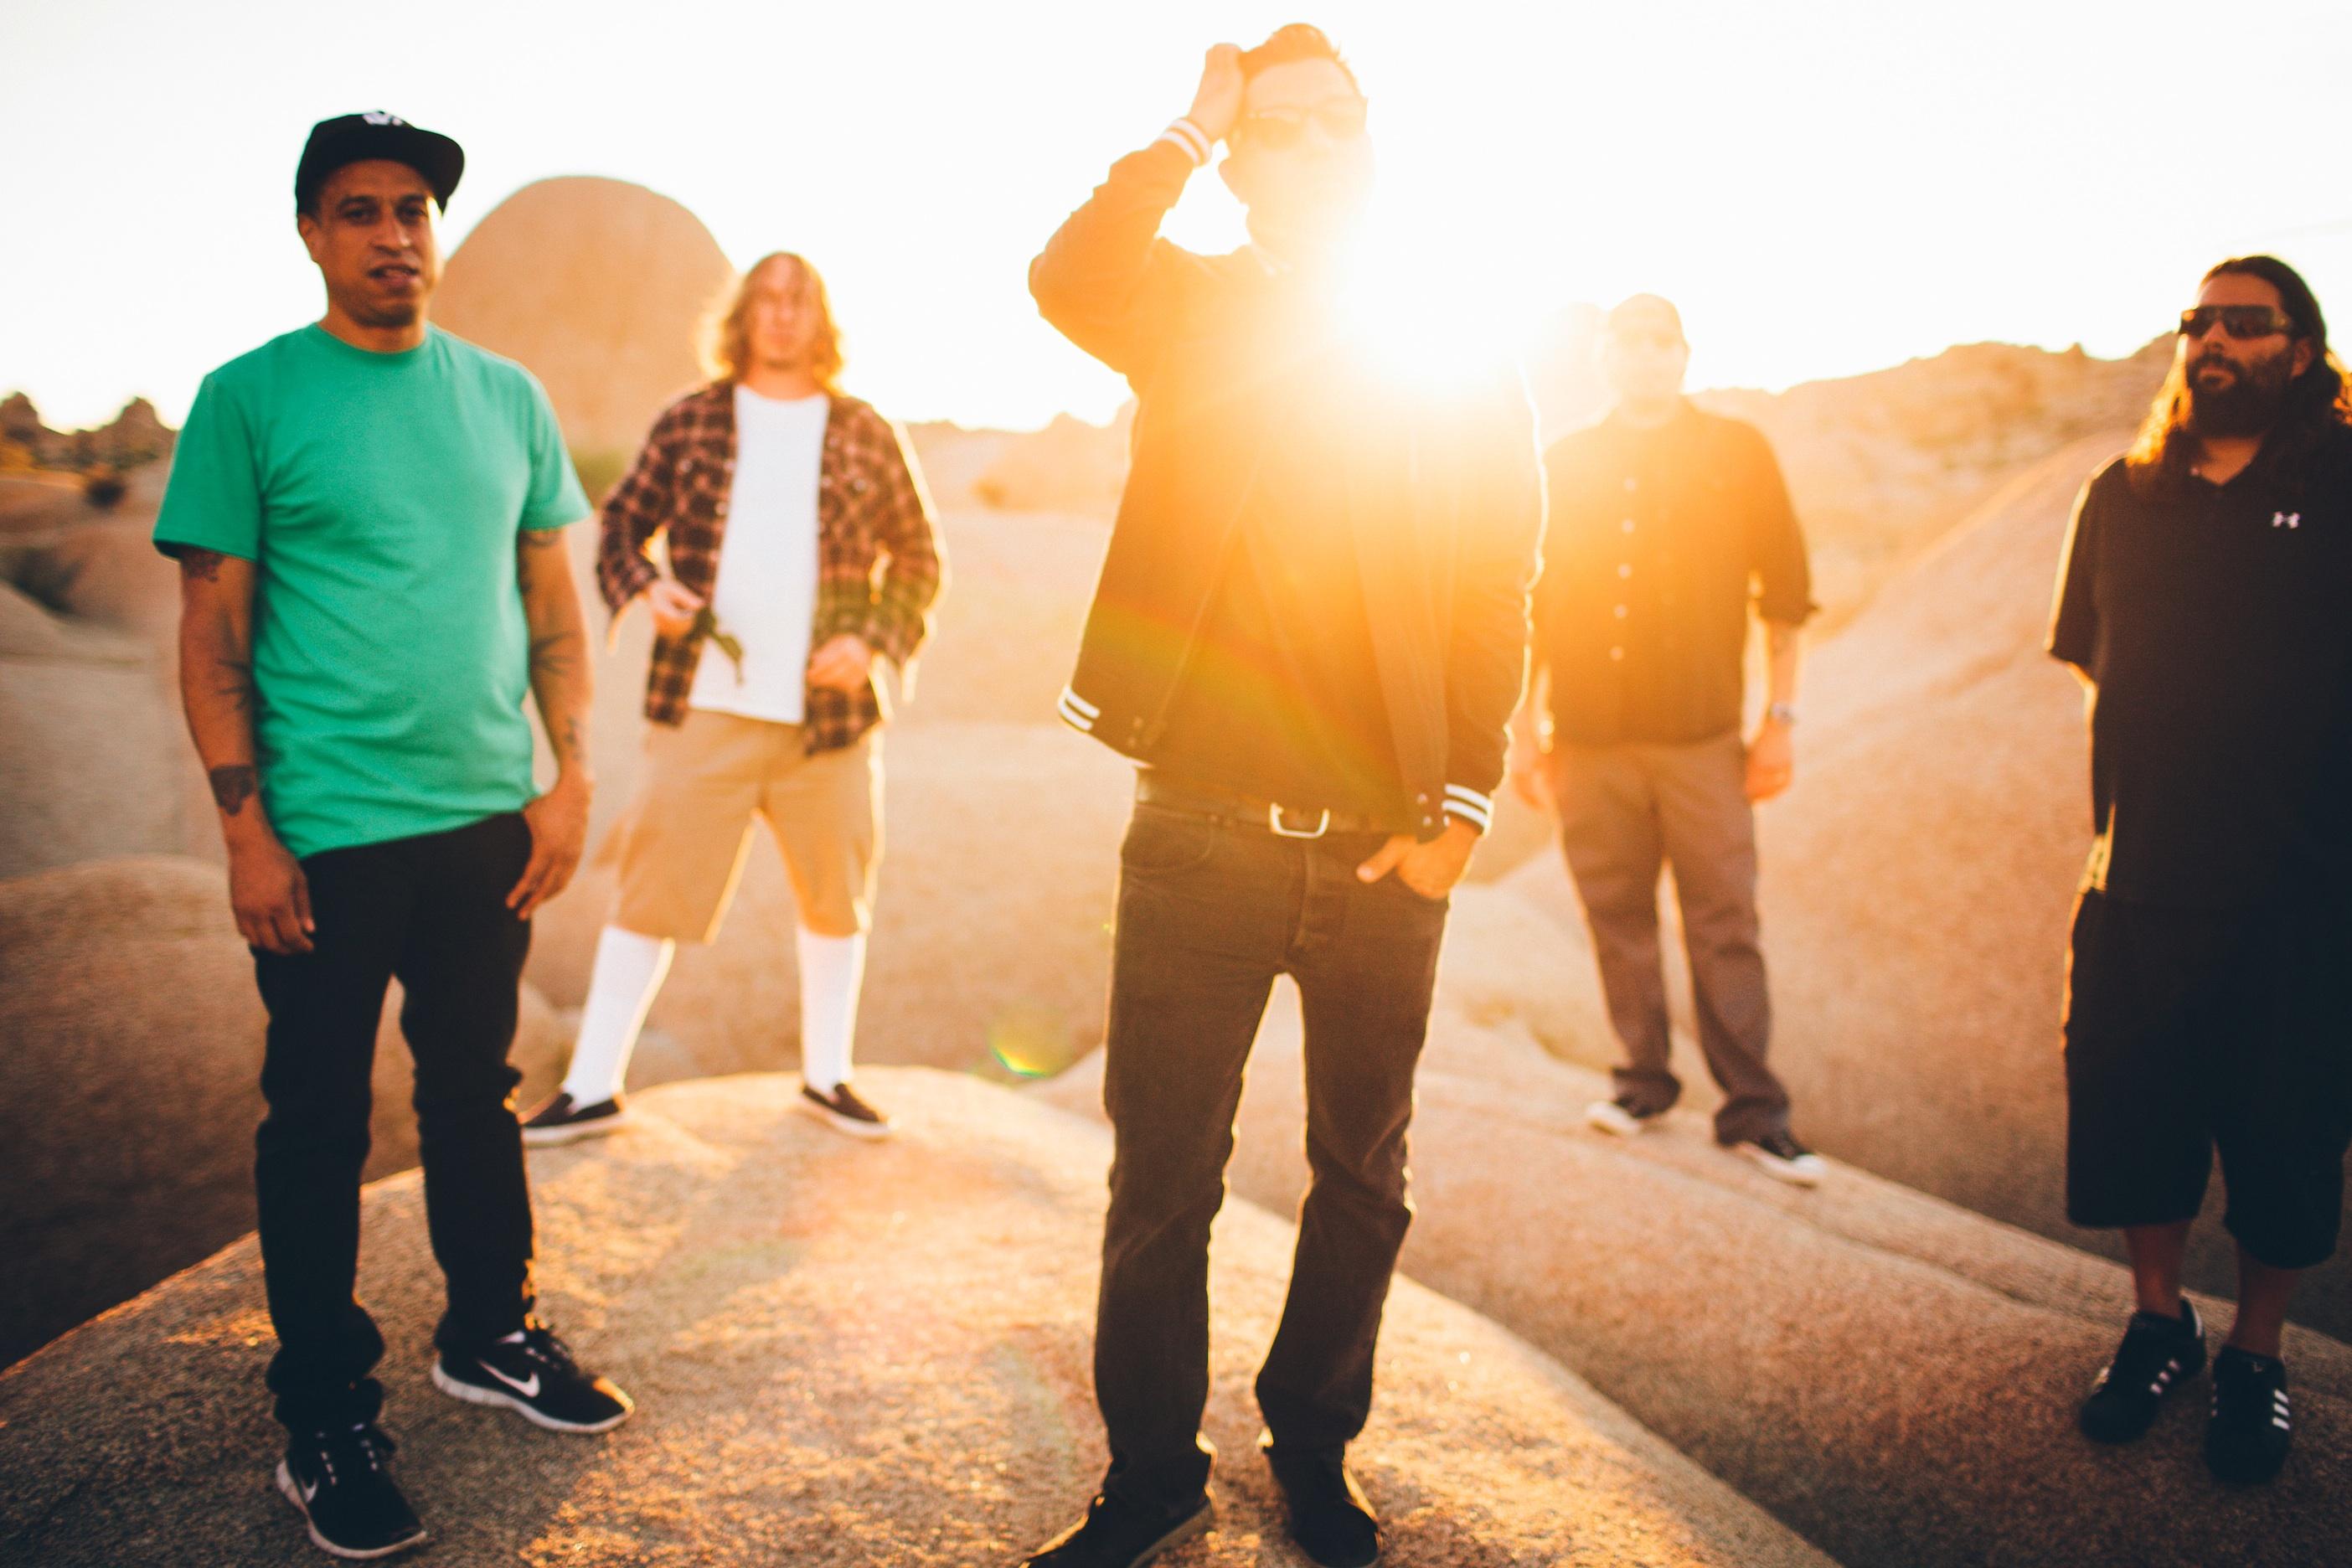 Deftones + letlive. Australian tour announced!